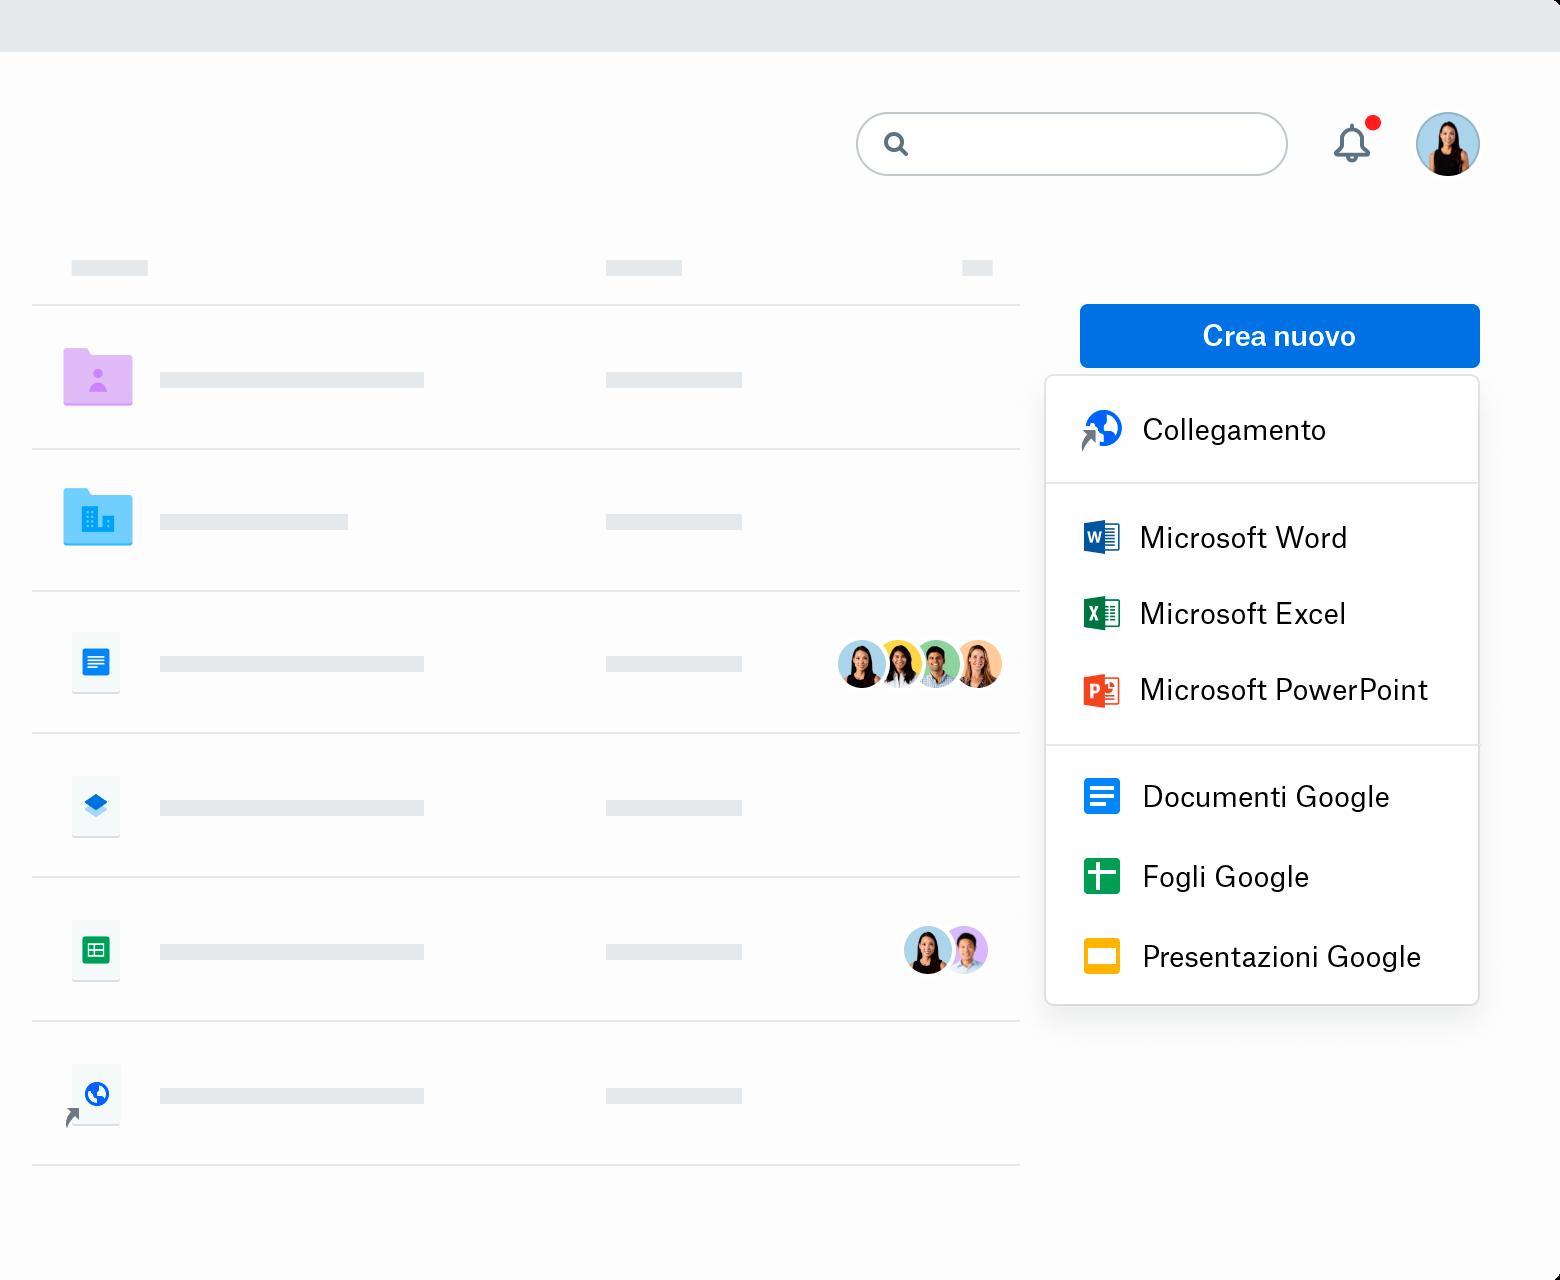 """Una schermata del menu a discesa della voce """"Crea nuovo"""" su Dropbox.com. Le voci del menu: Shortcut (Collegamento rapido), Microsoft Word, Microsoft Excel, Microsoft PowerPoint, Google Docs (Documenti Google), Google Sheets (Fogli Google) e Google Slides (Presentazioni Google)."""